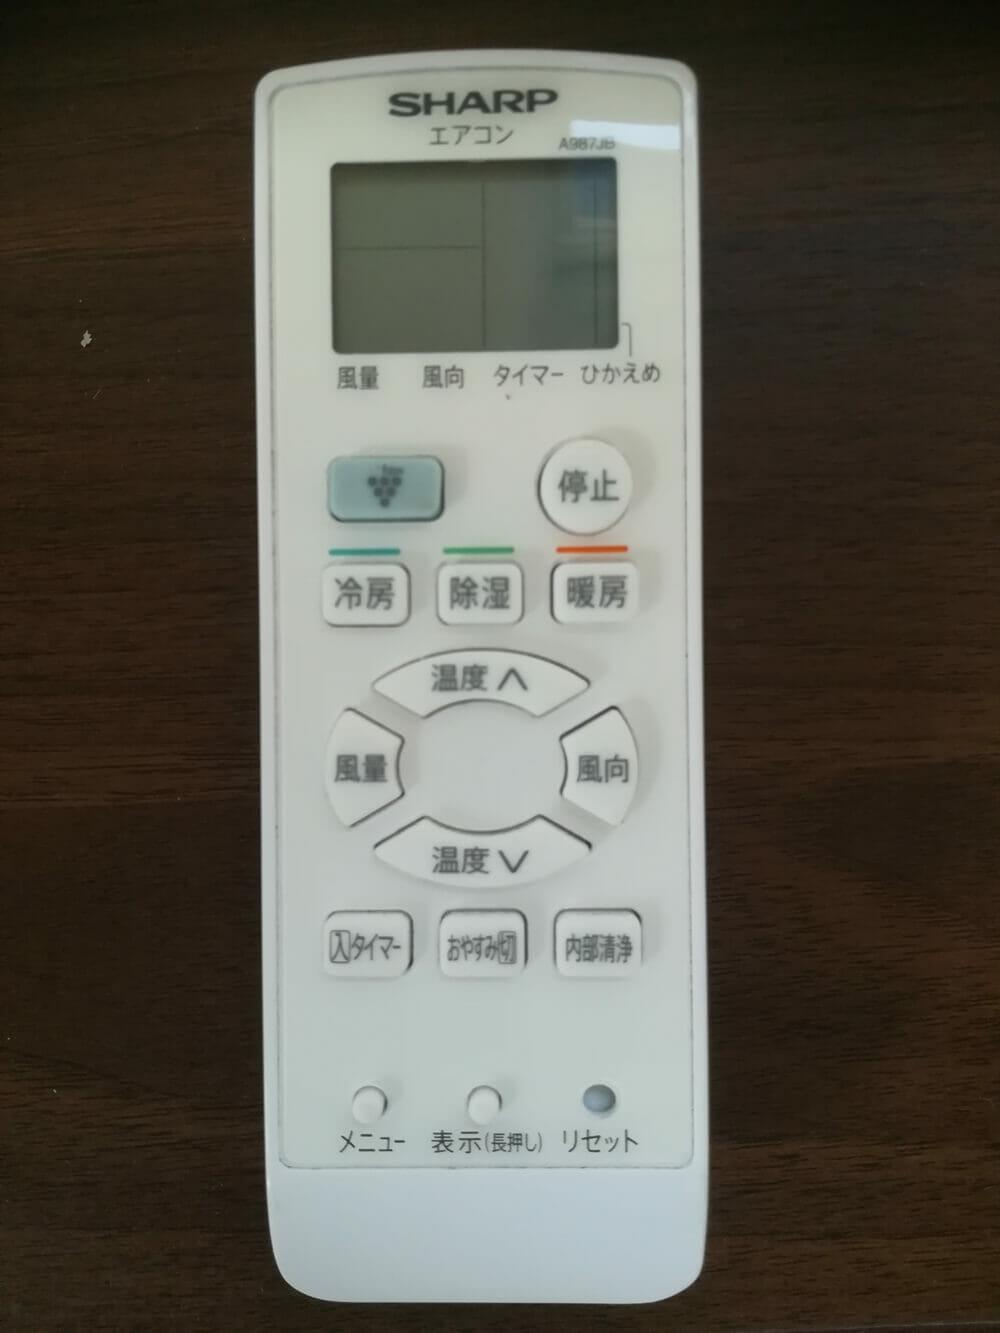 シャープのエアコンAY-G220Gのリモコンの写真